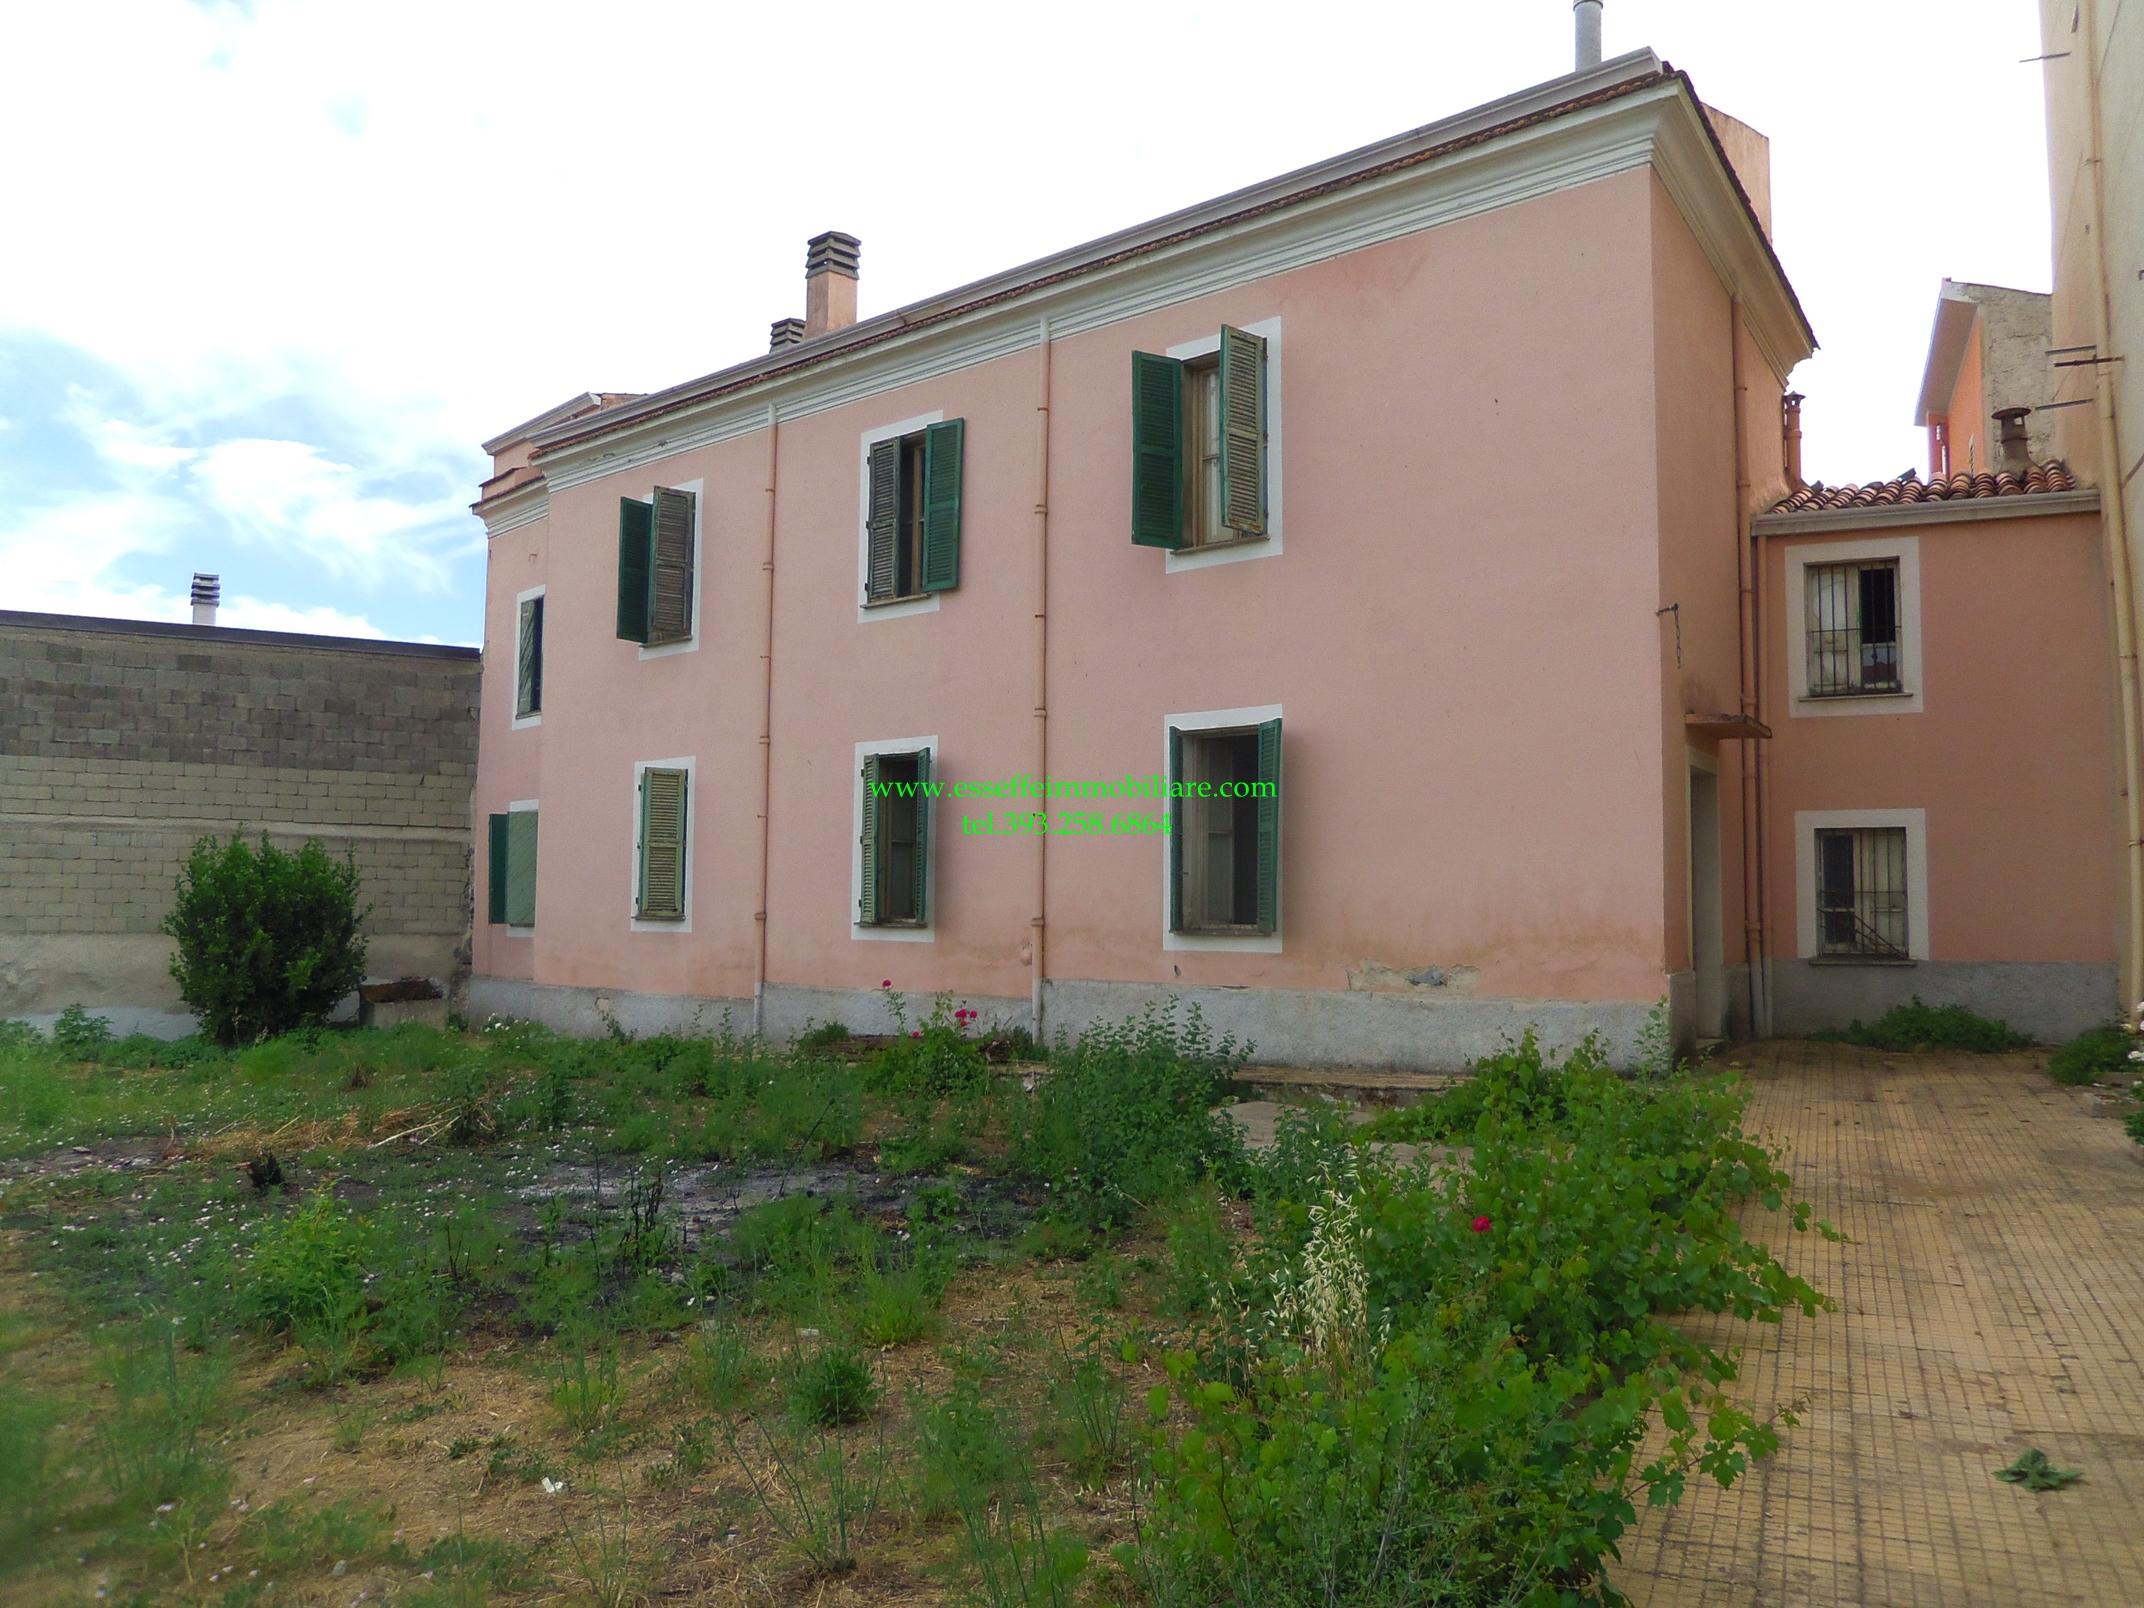 Appartamento vendita BONO (SS) - 99 LOCALI - 300 MQ